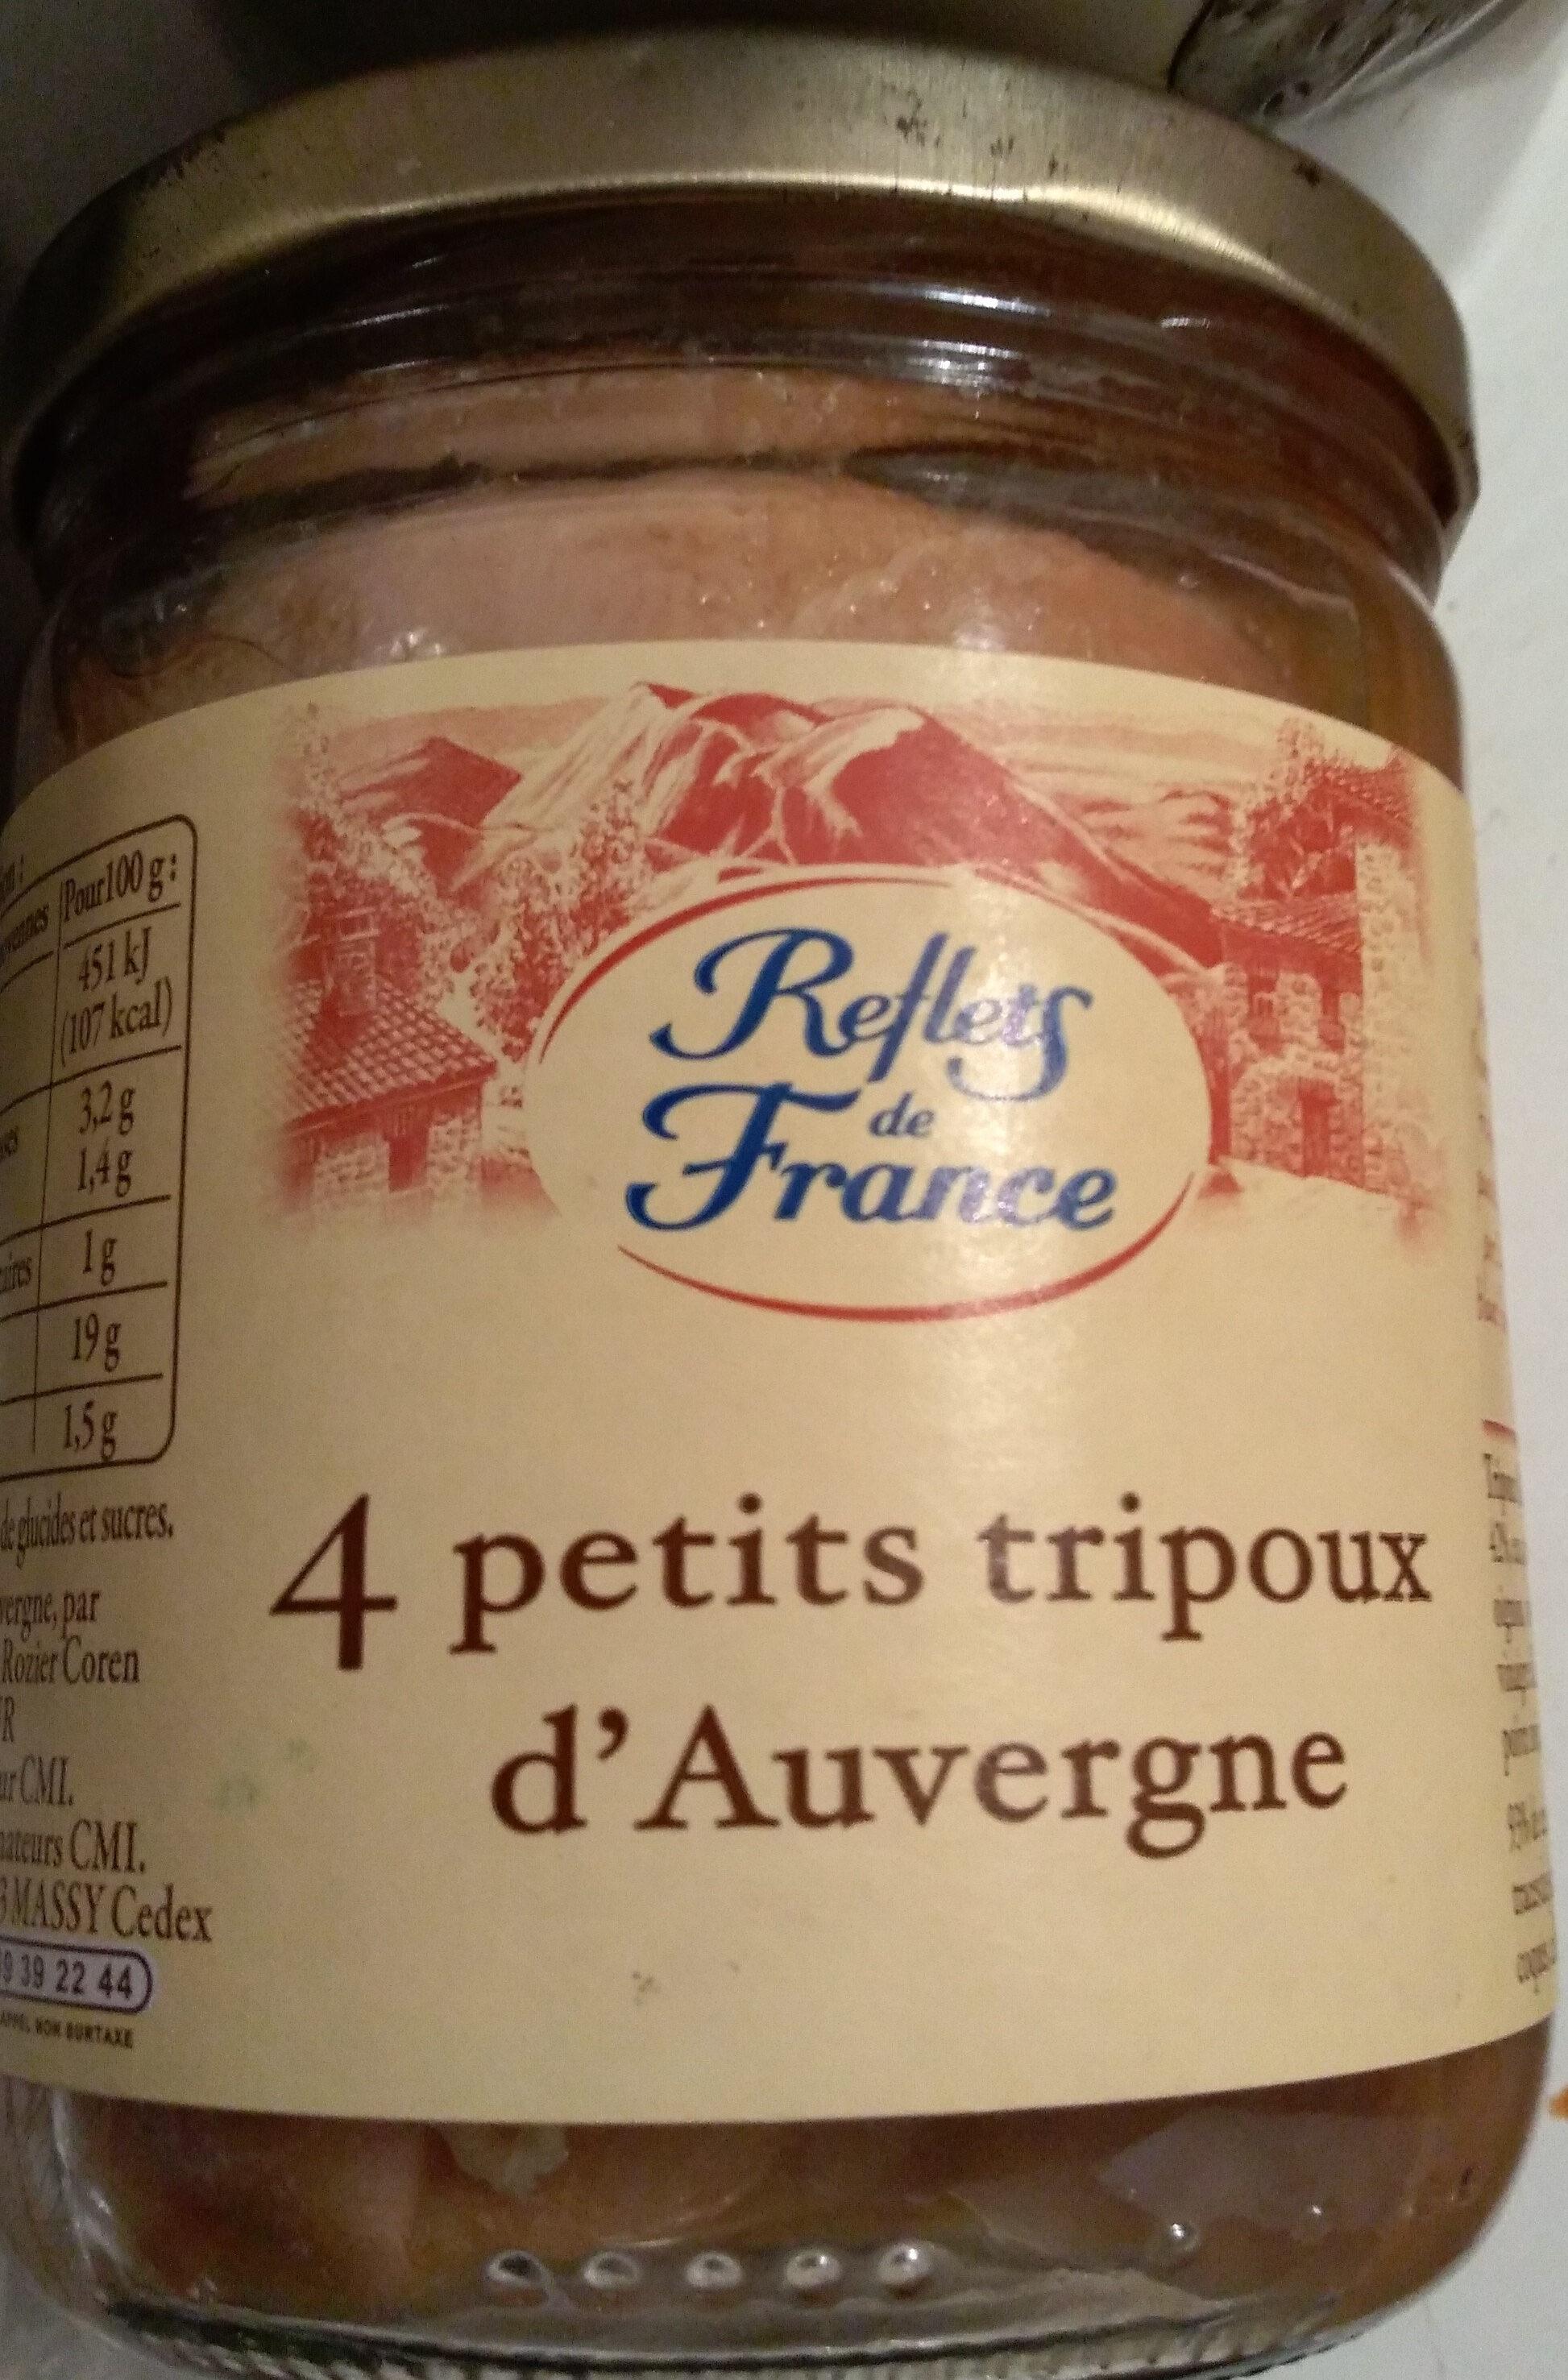 4 petits tripoux d'Auvergne - Produit - fr